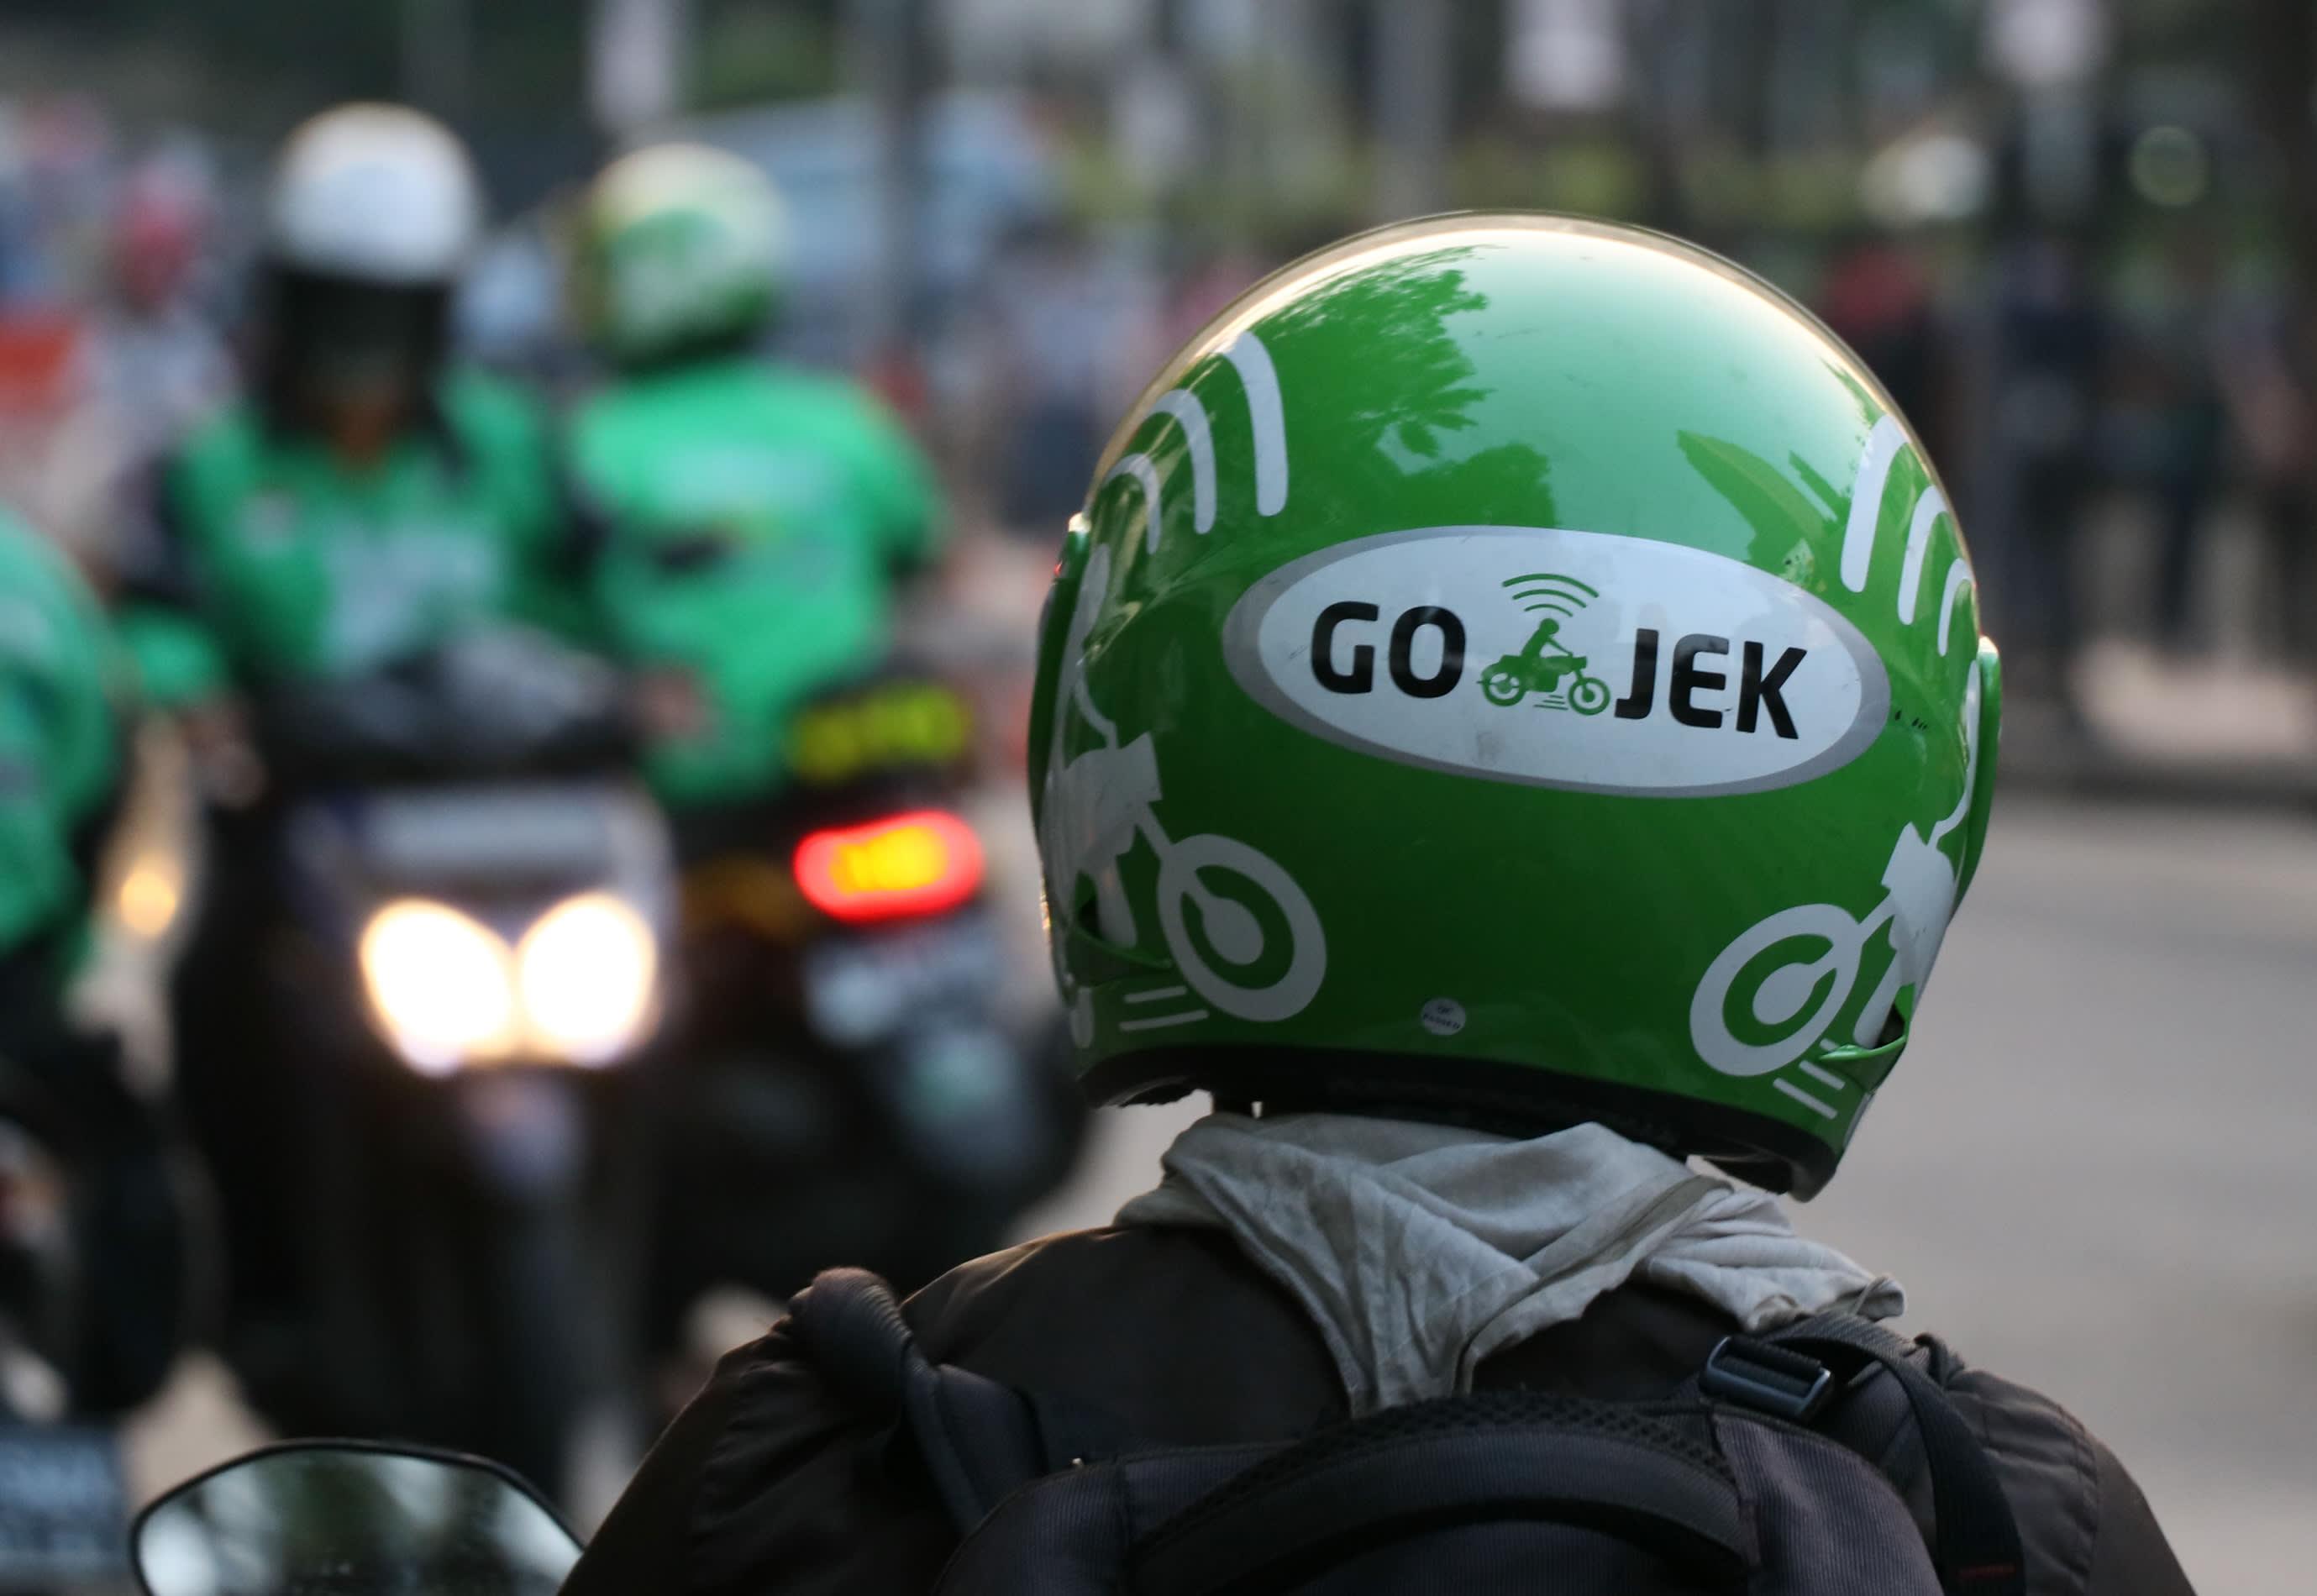 go-jek, nadiem makarim - 7 1571646361 - Trước khi từ chức CEO, Nadiem Makarim đã xây dựng Go-Jek thành 'siêu kỳ lân' như thế nào?